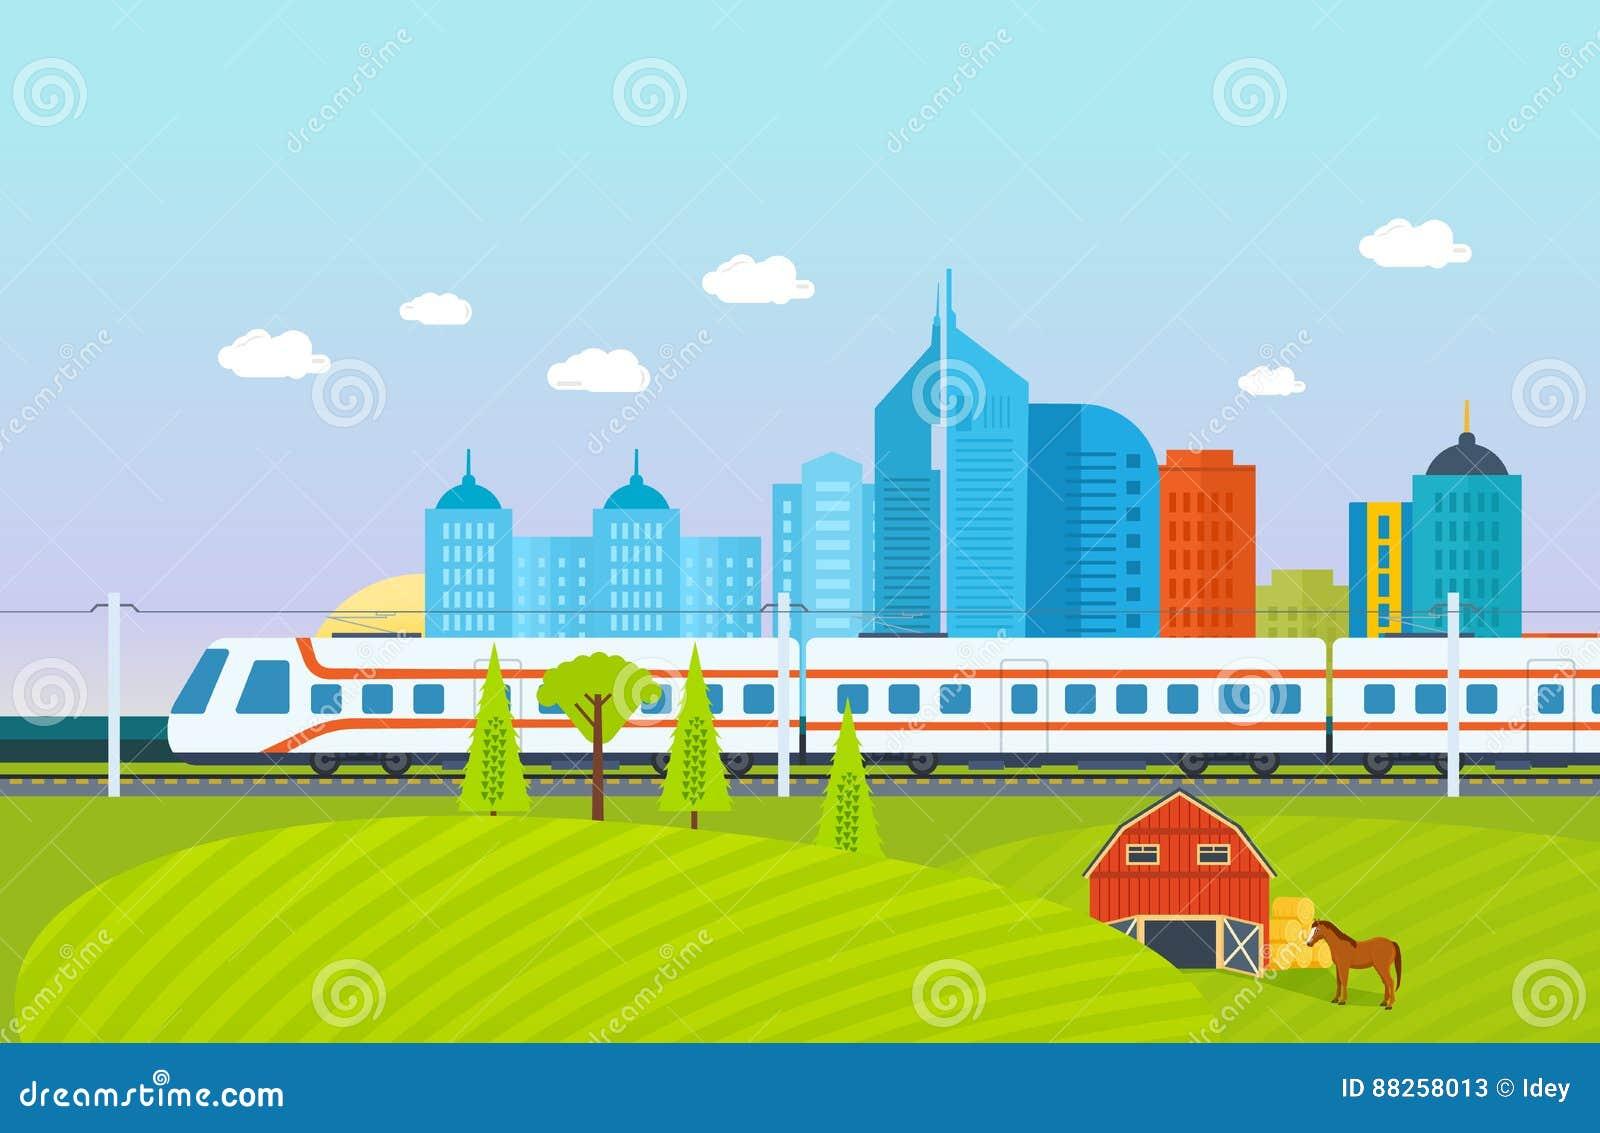 Ville, environs, paysage, champs et fermes, souterrain, train, chemin de fer, bâtiments